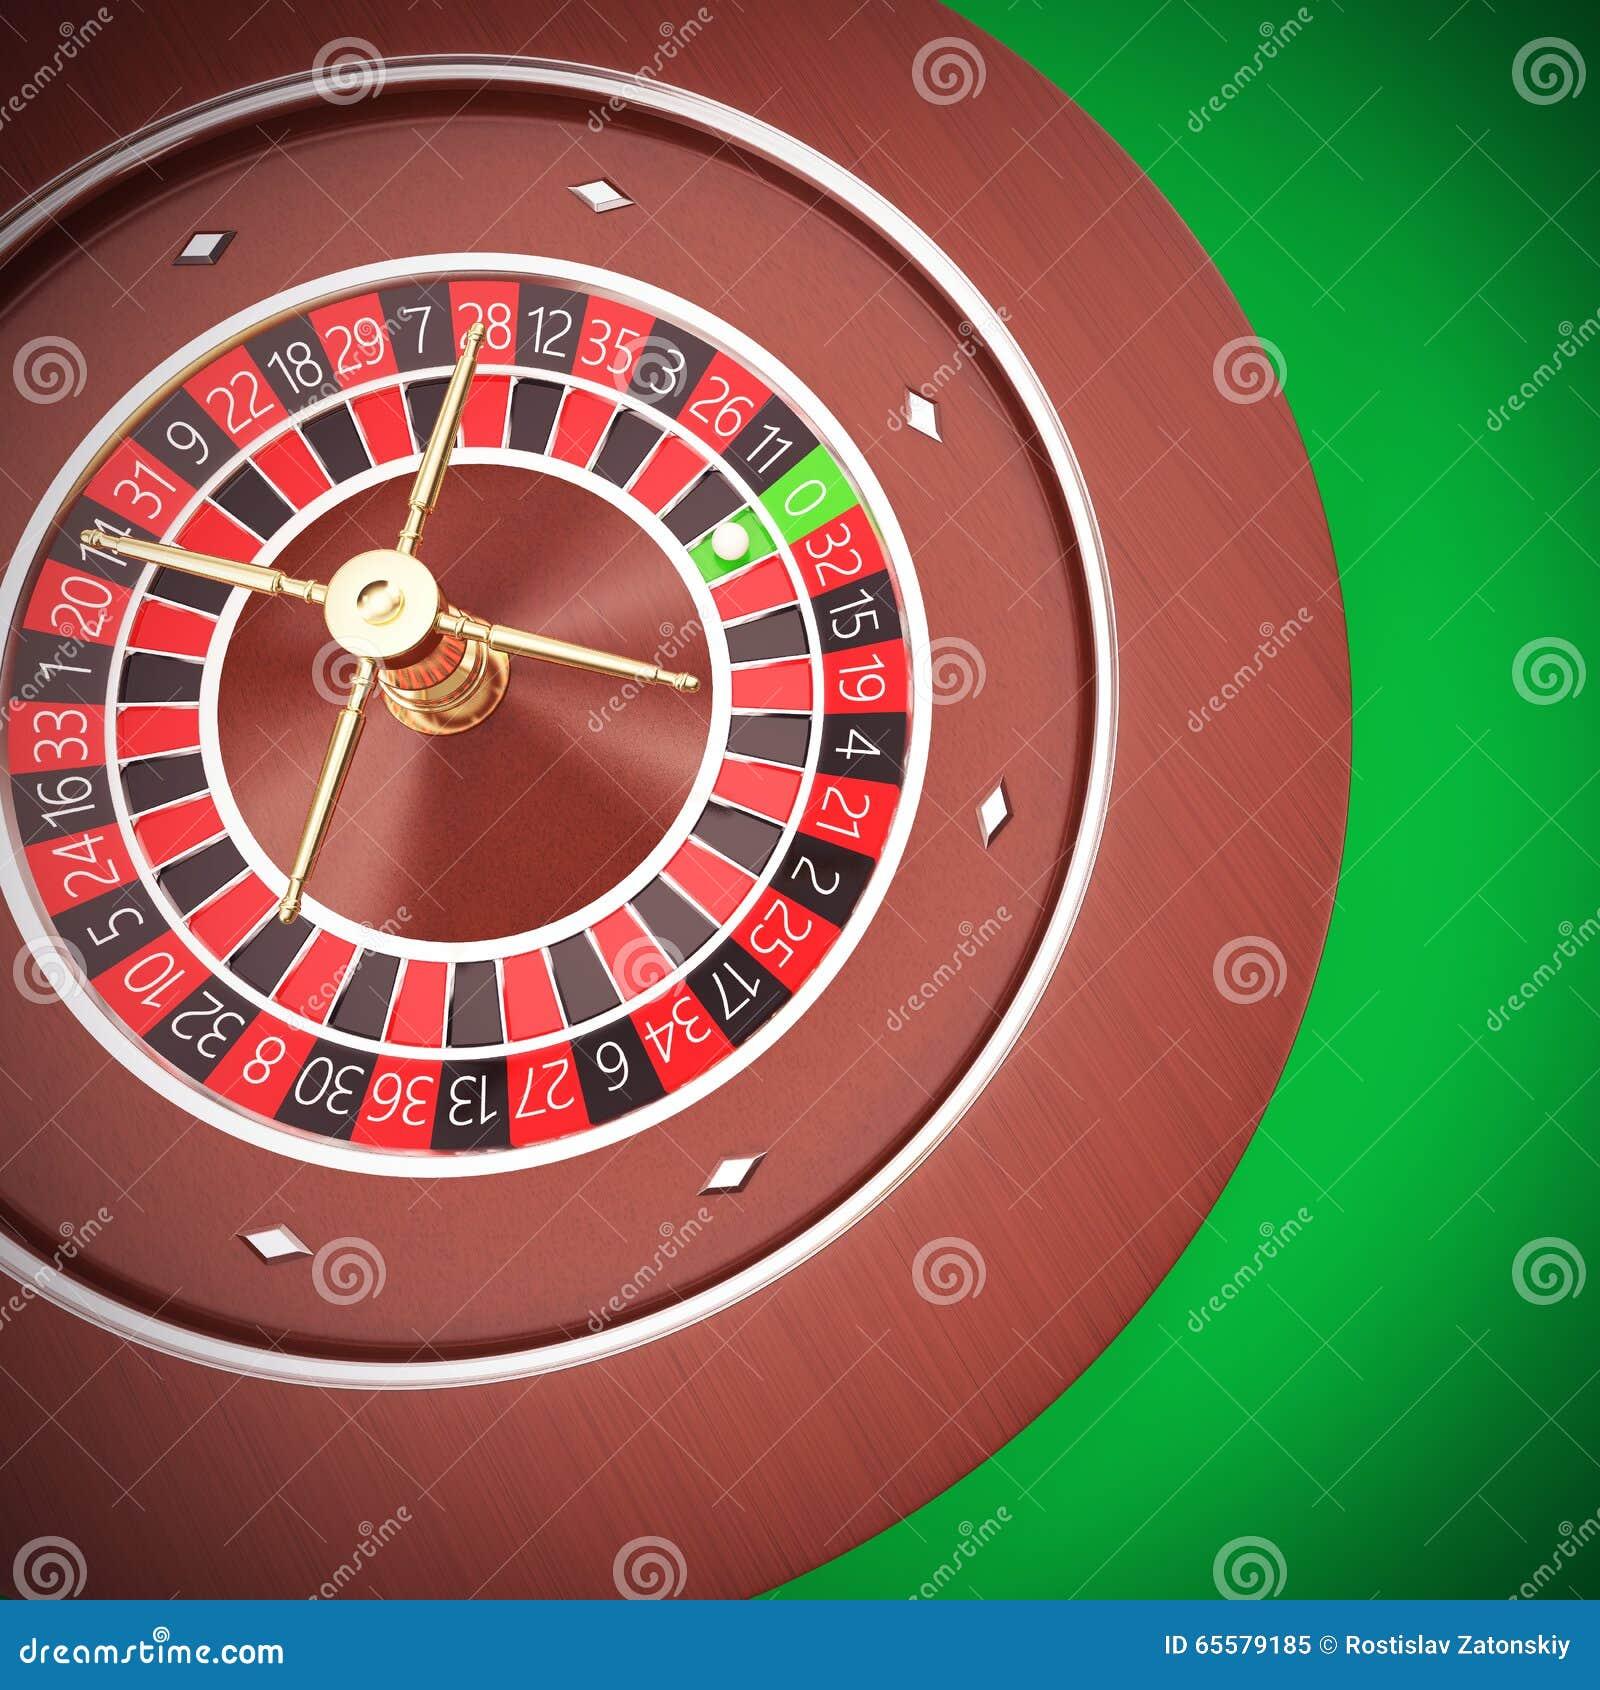 Roleta do casino com um fundo verde